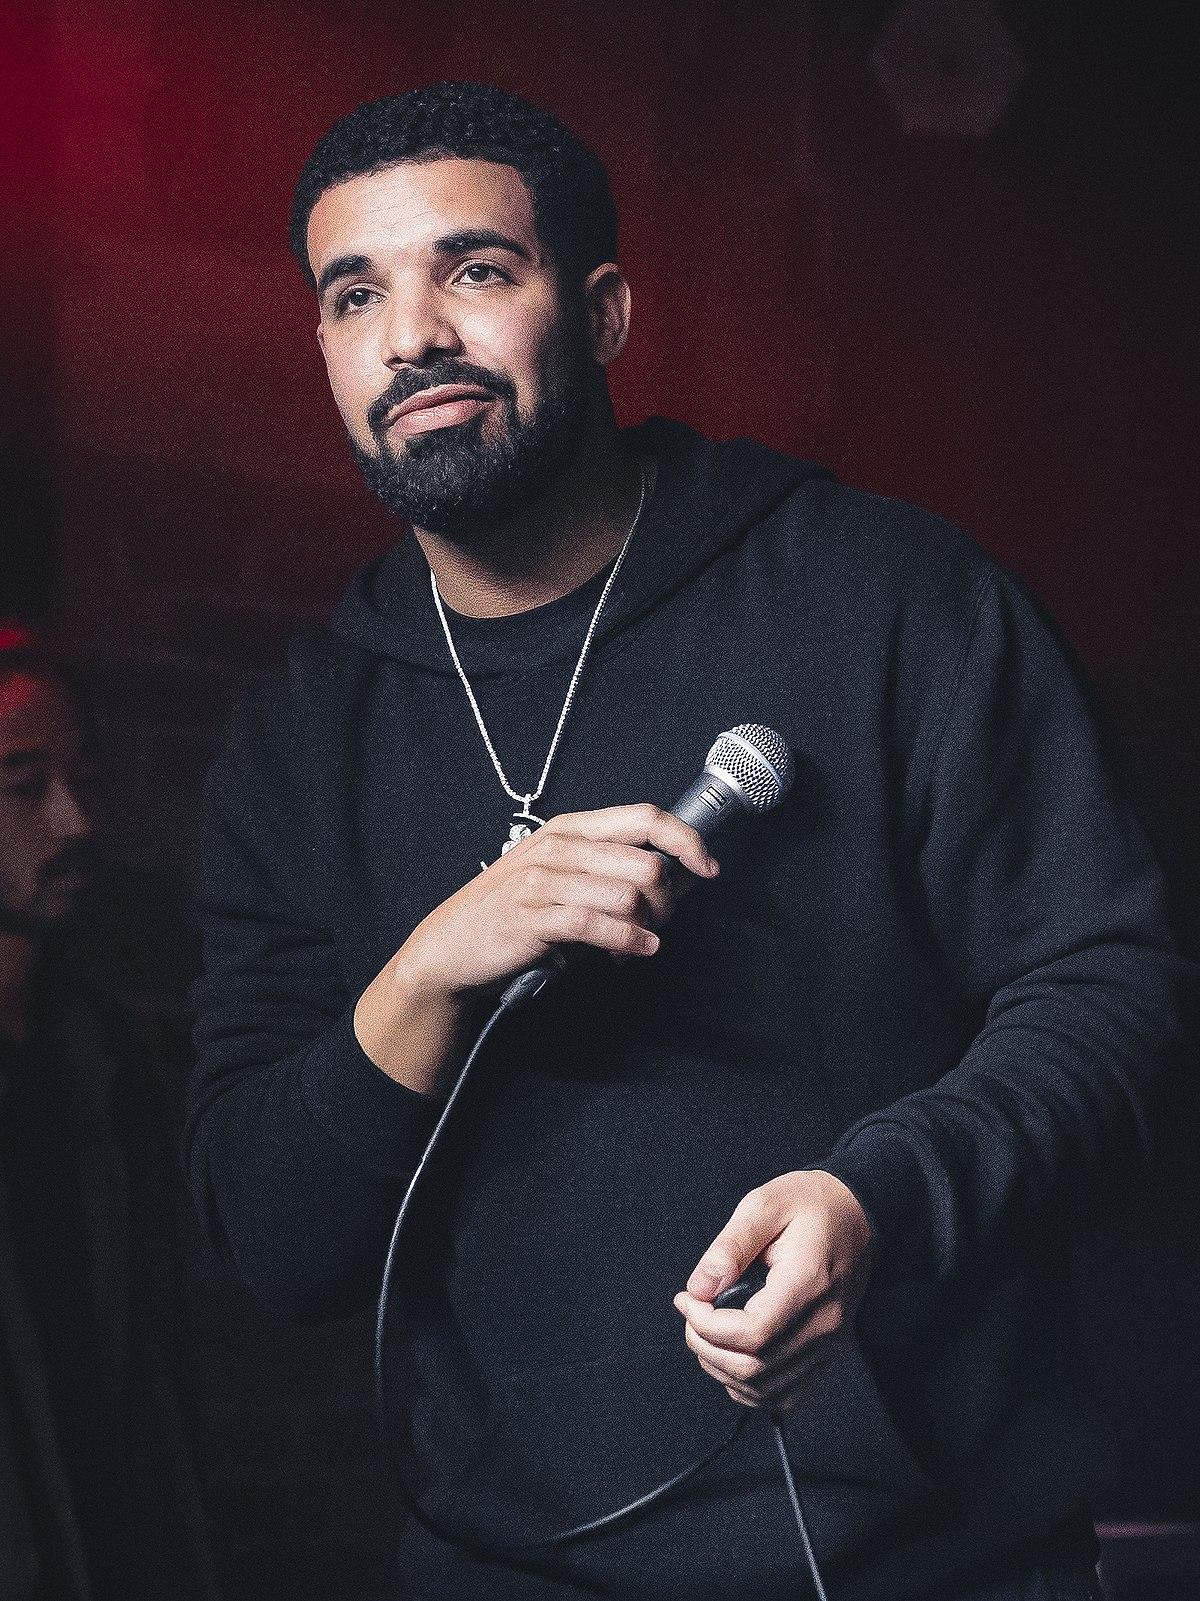 1200px-Drake_at_the_Velvet_Underground_-_2017_(36398066420)_(cropped_5).jpg